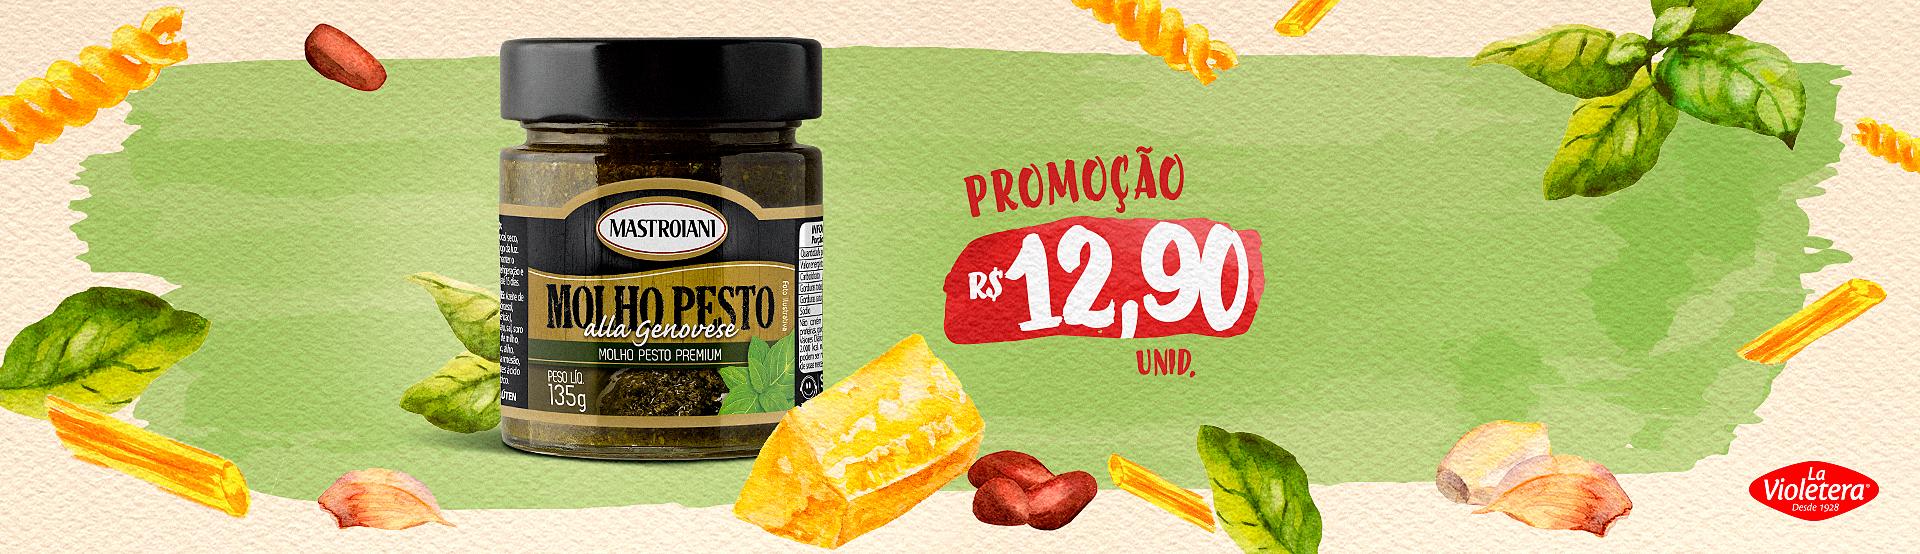 Promoção Molho Pesto Mastroiani - Novo valor